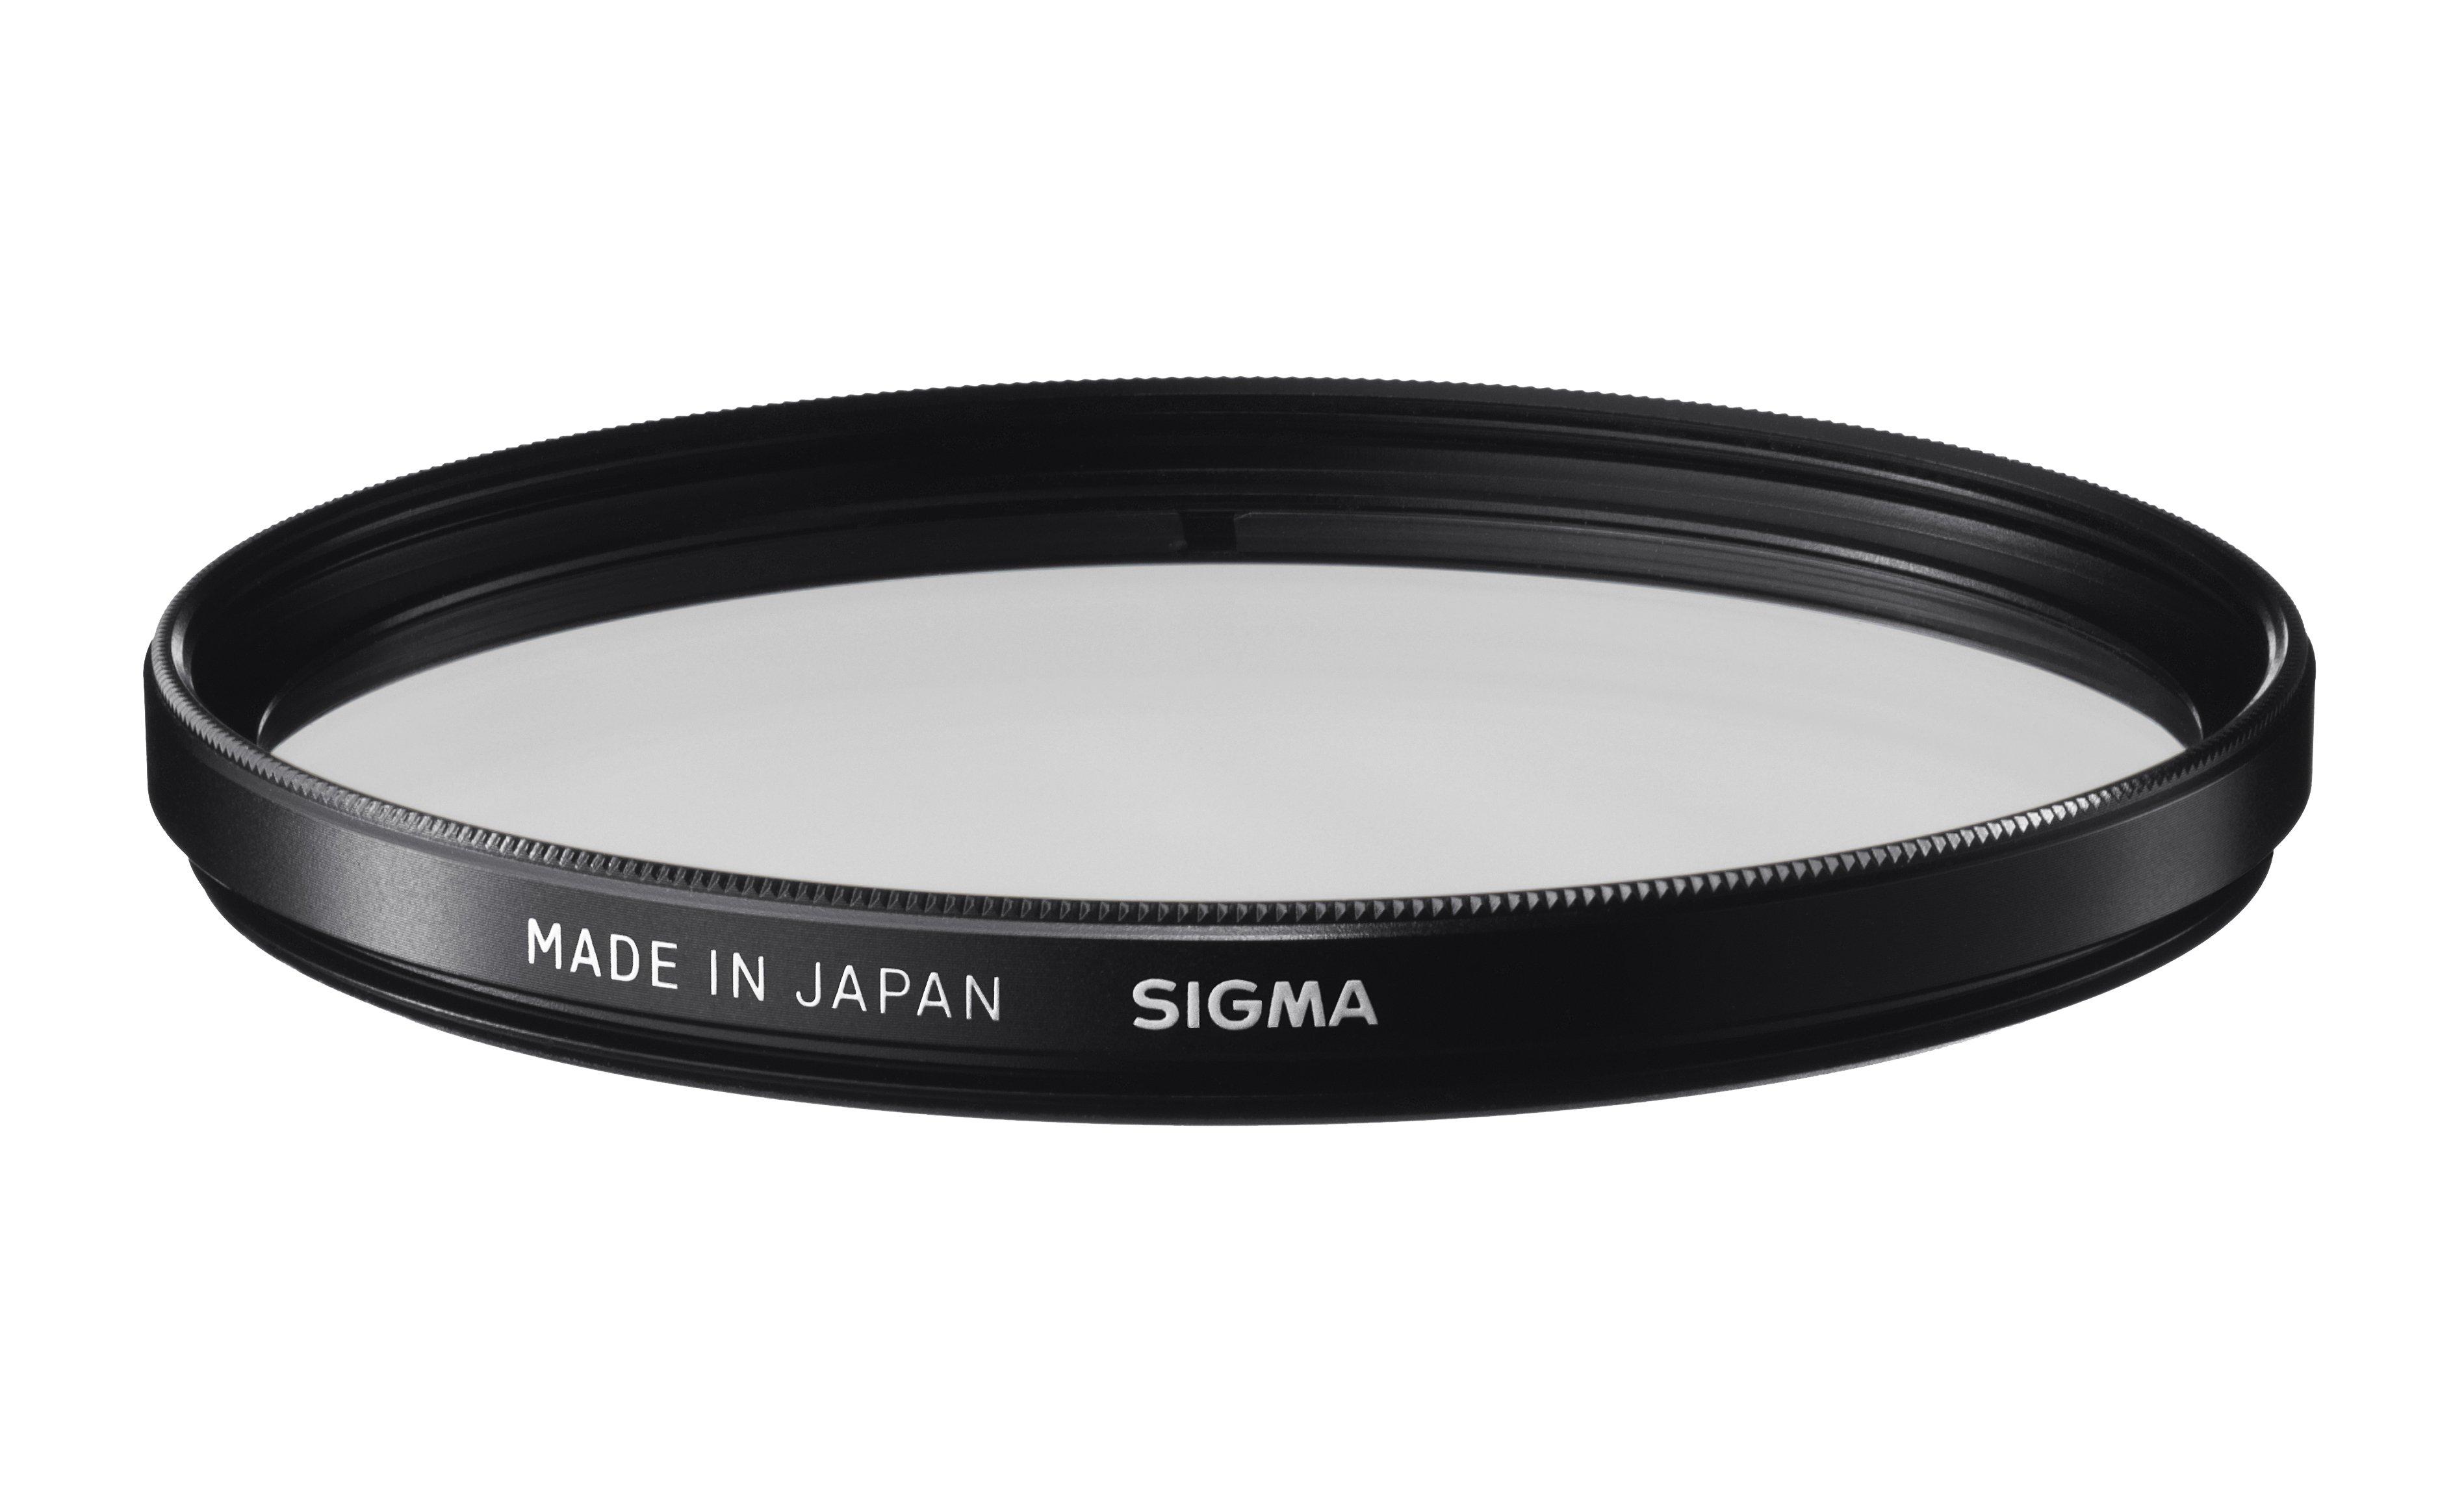 SIGMA filtr ochranný 105 mm WR